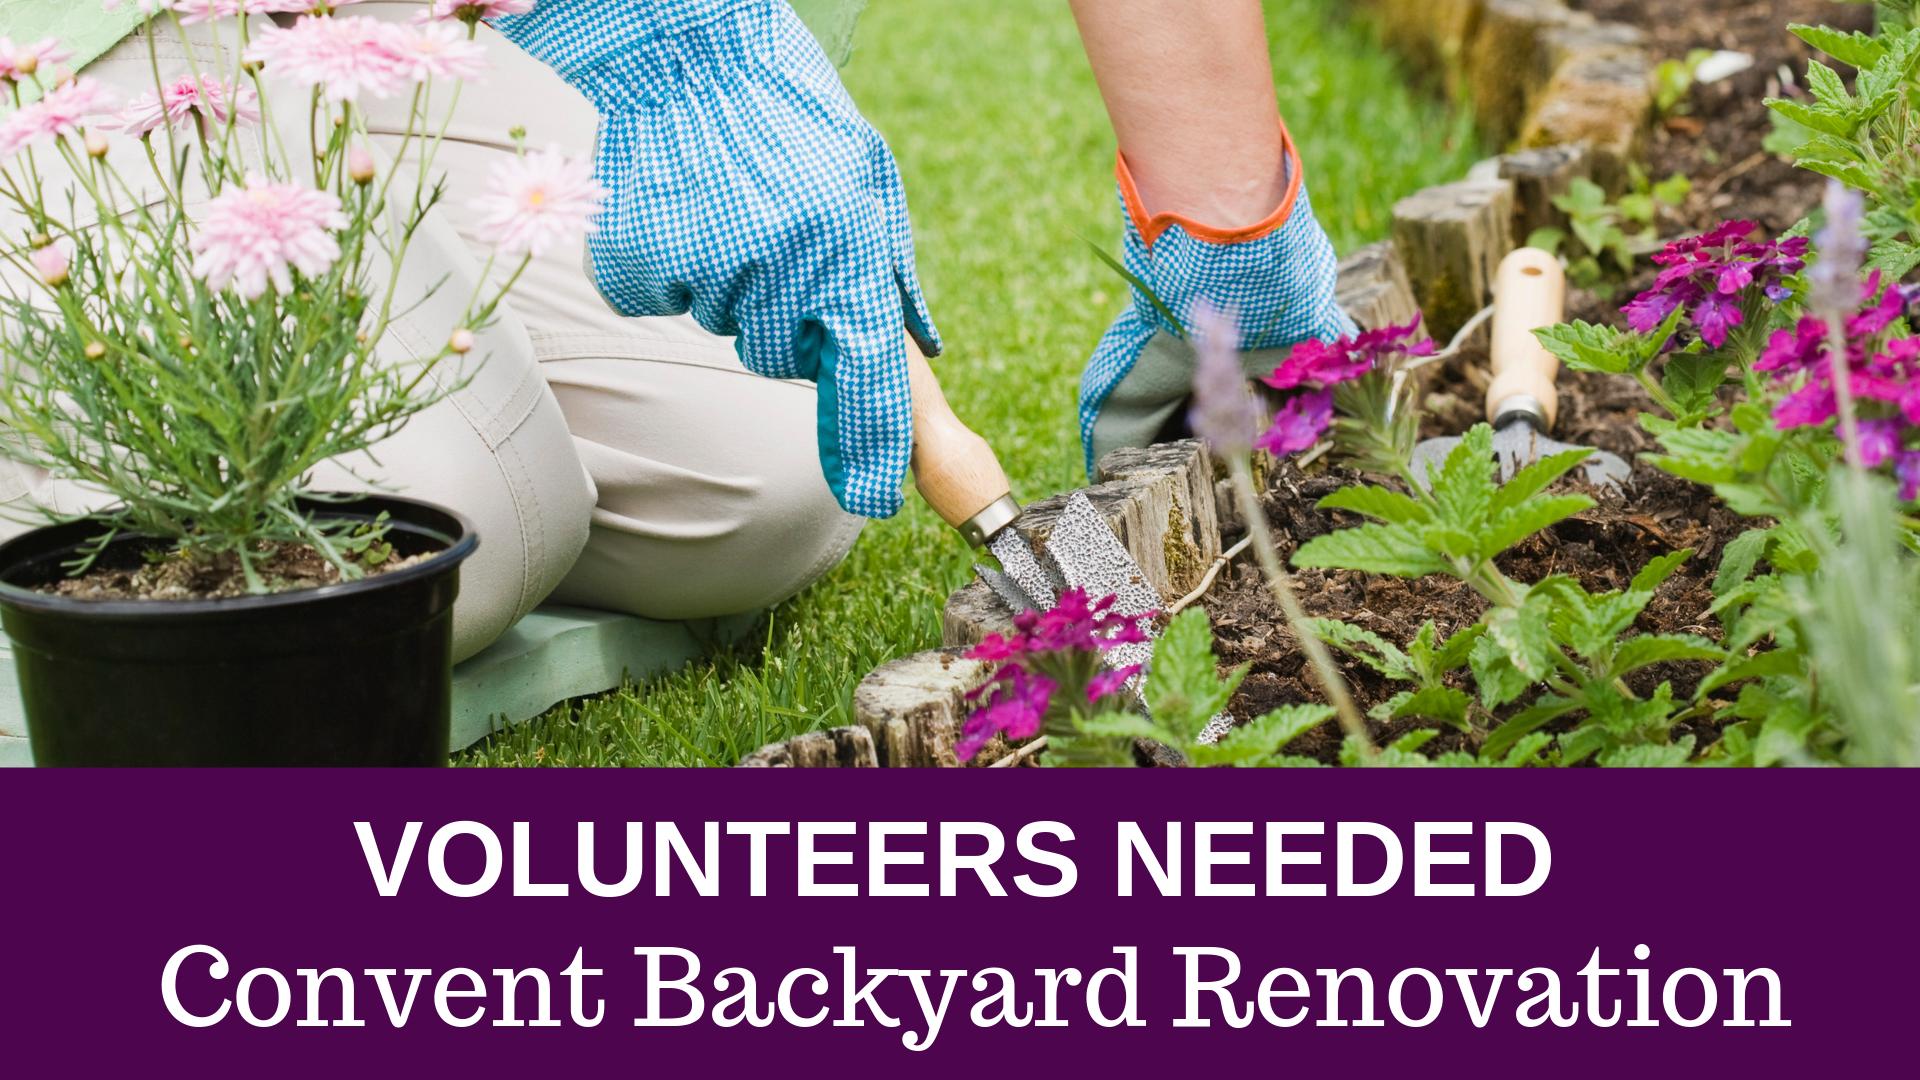 Convent Backyard Renovation   Fb Event